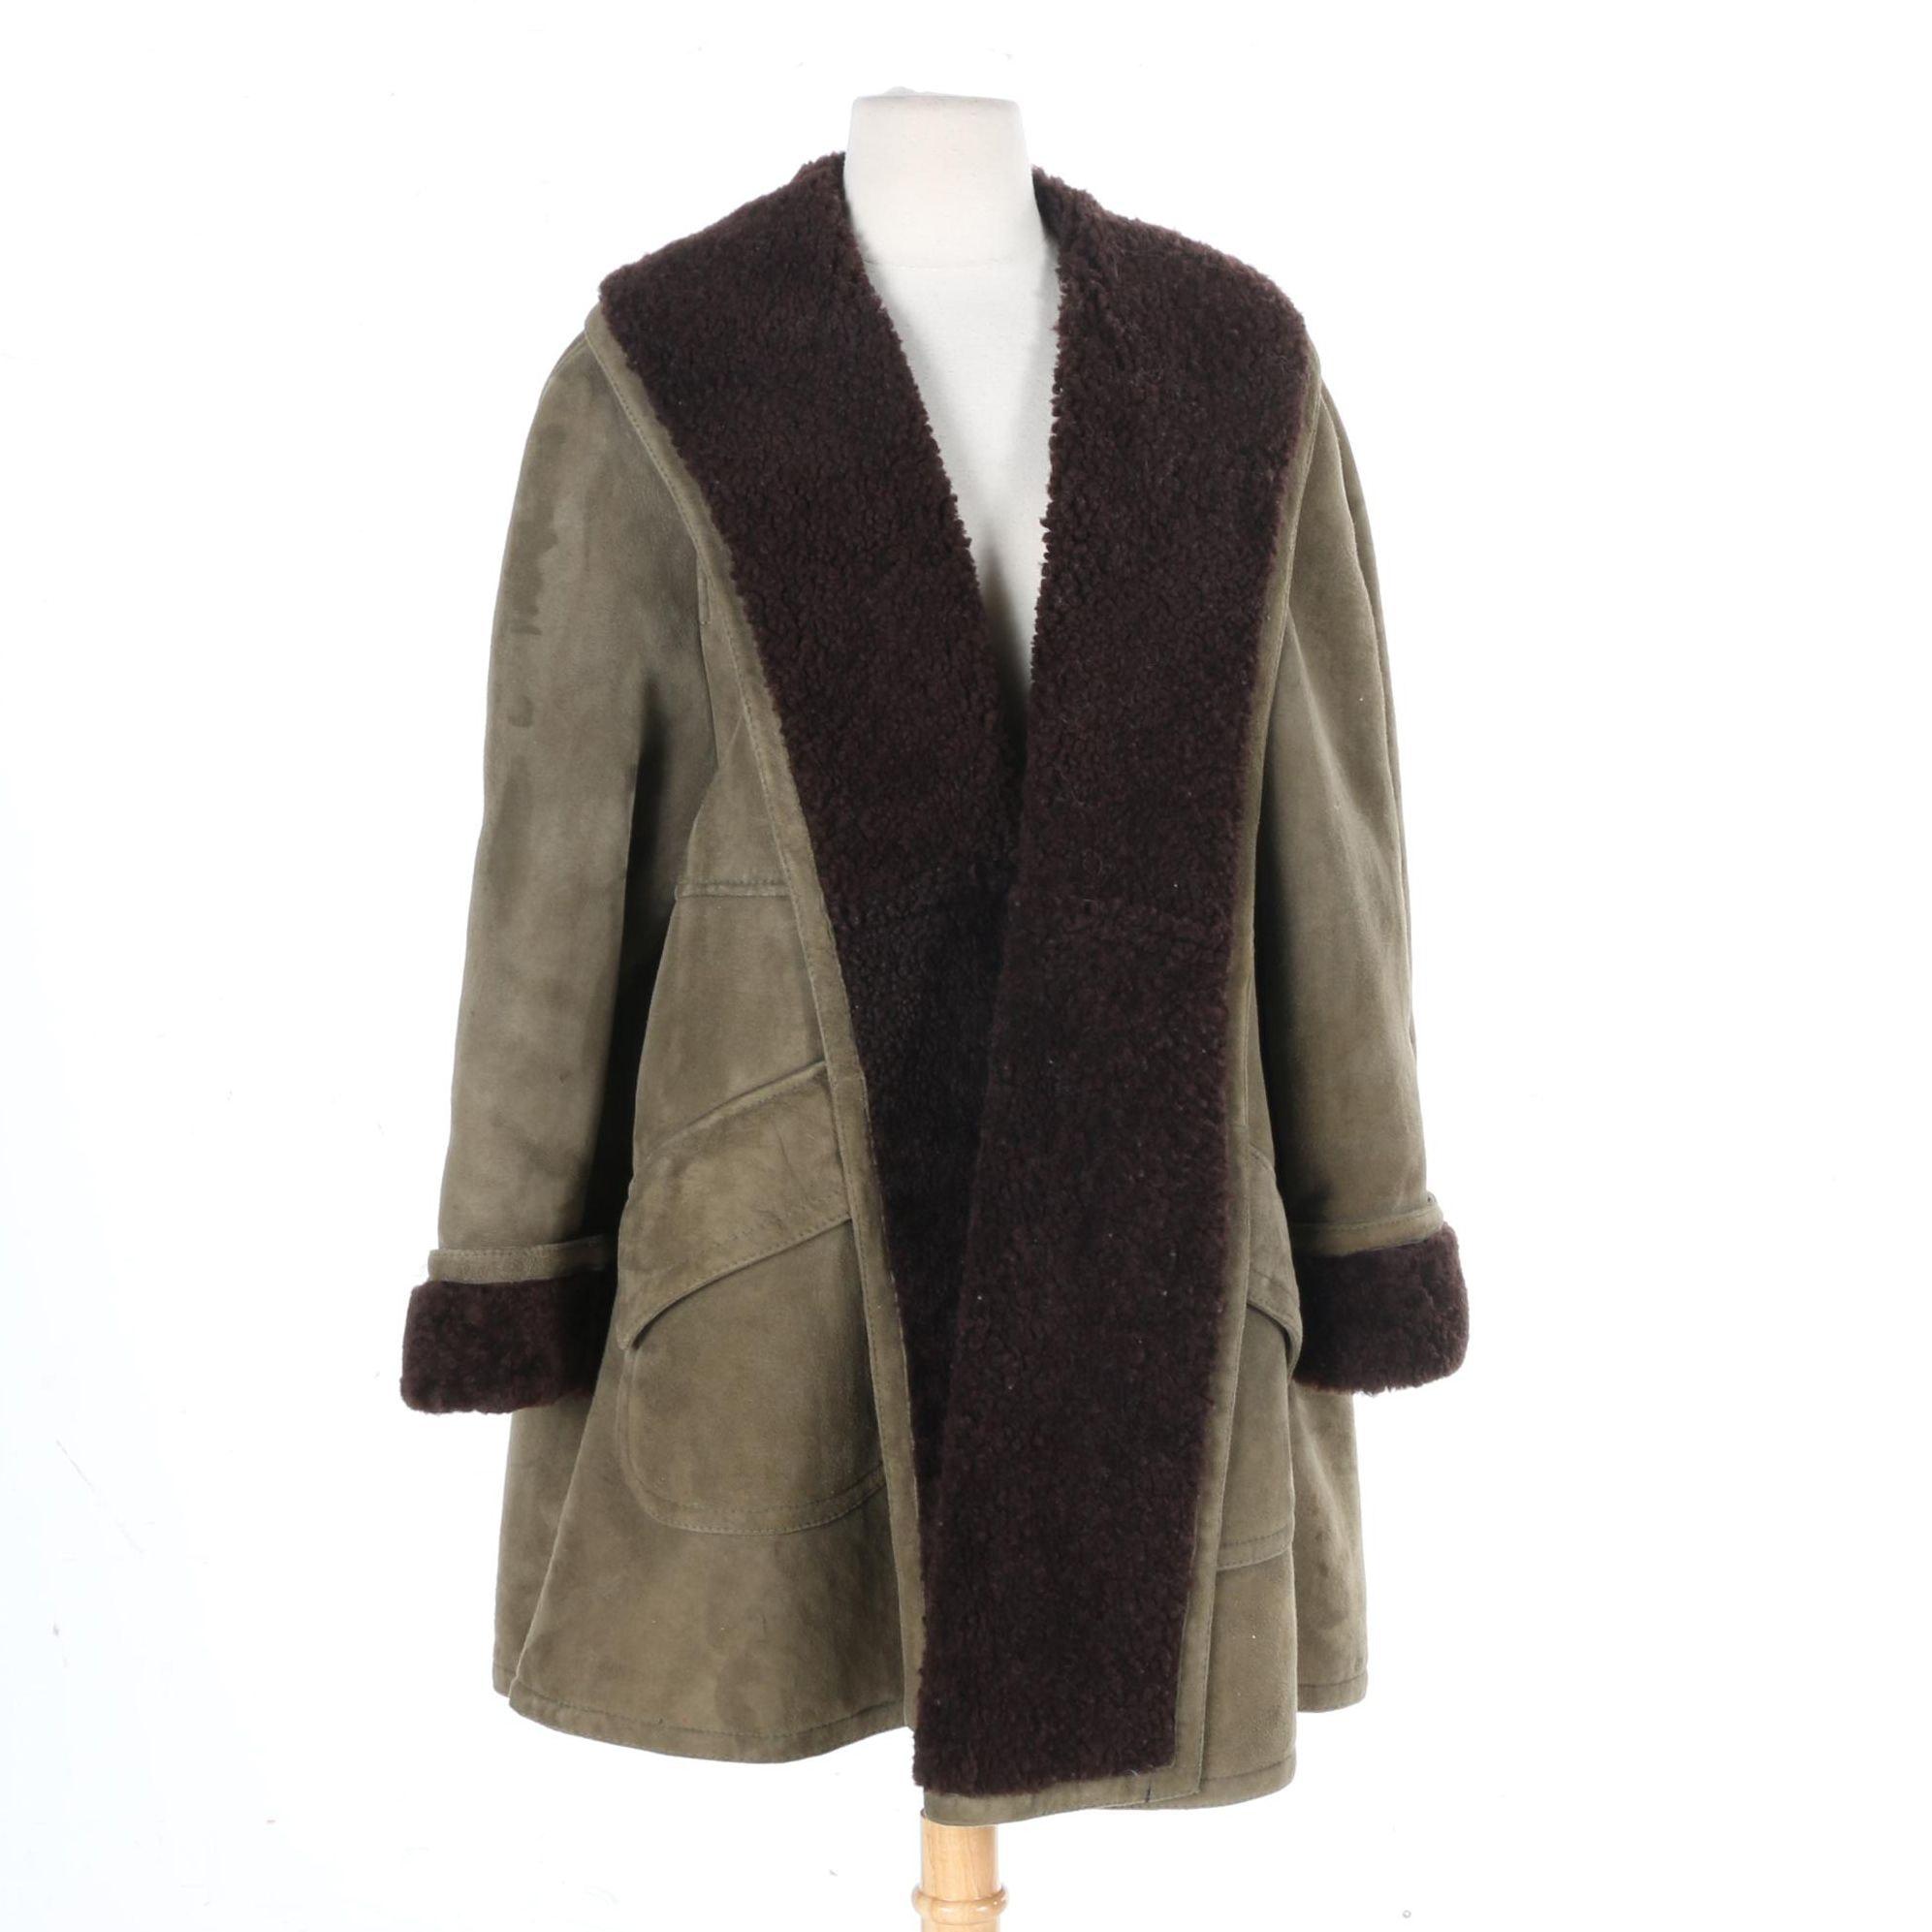 Ralph Lauren Women's Suede and Shearling Coat